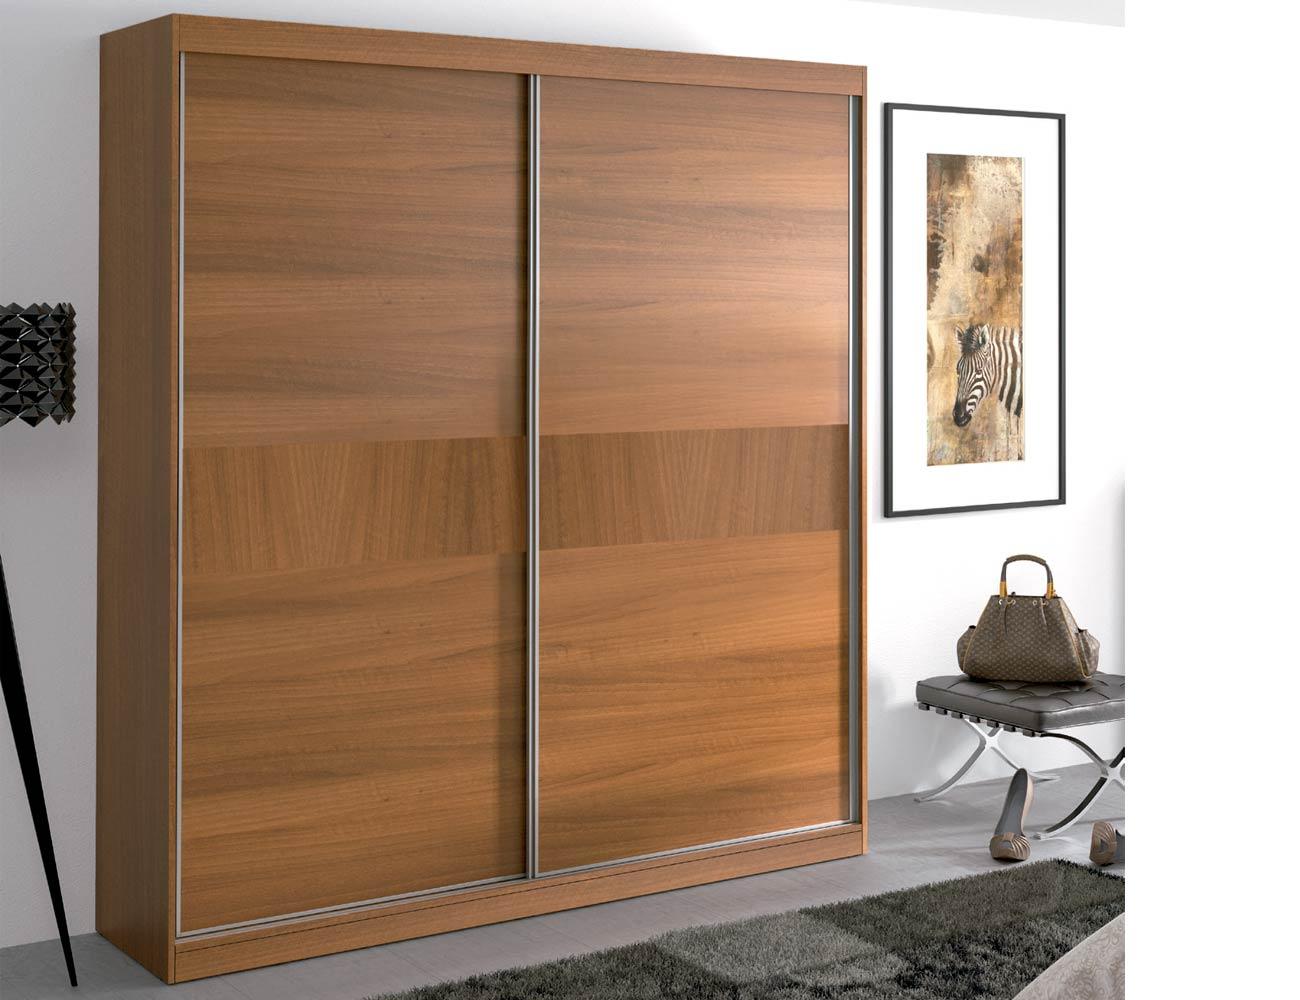 Como poner puertas correderas a un armario top poner puertas correderas armario empotrado a - Como colocar puertas correderas ...